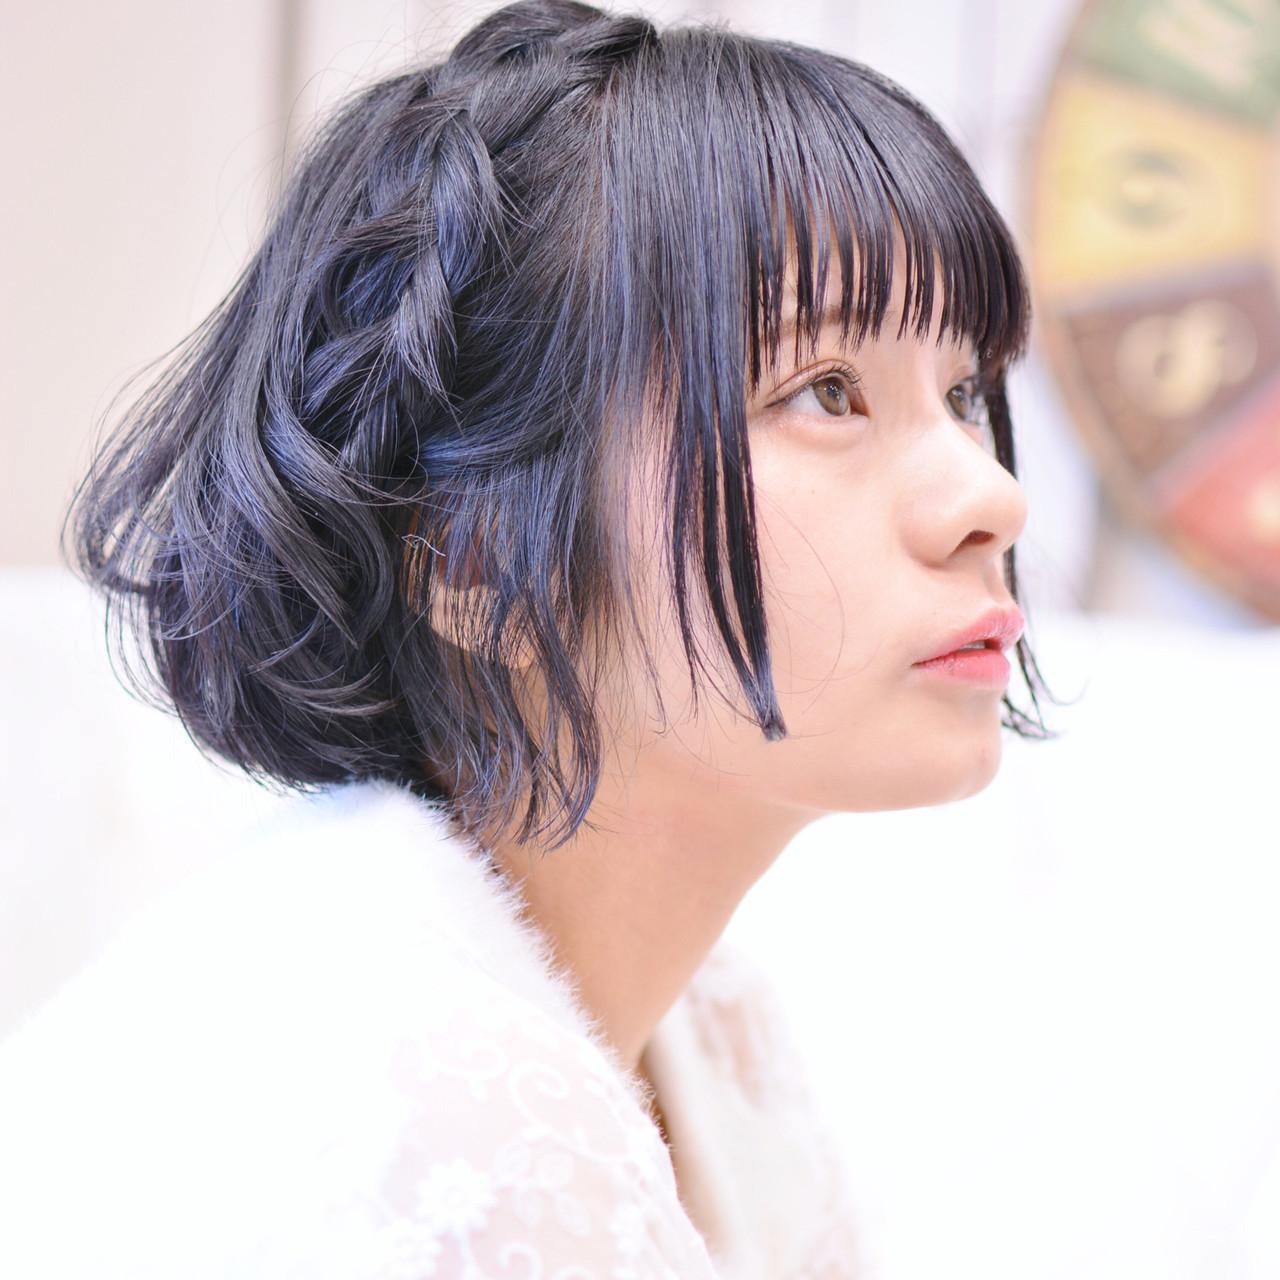 丸顔さんにおすすめ♡【タイプ・年代別】かわいいボブヘアカタログの23枚目の画像